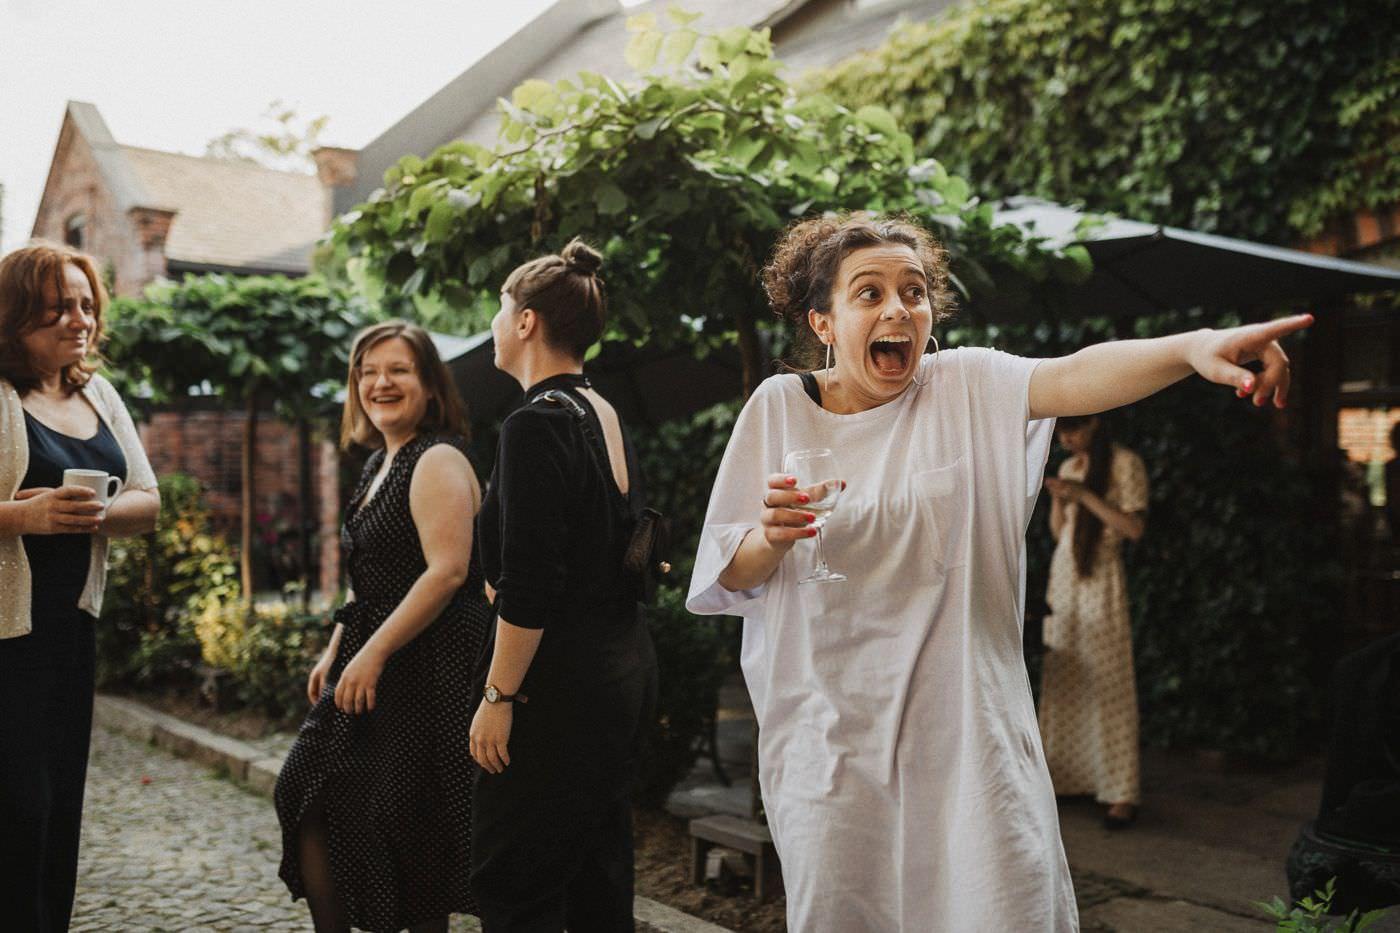 Alternatywny ślub cywilny w plenerze - Folwark Białych Bocianów